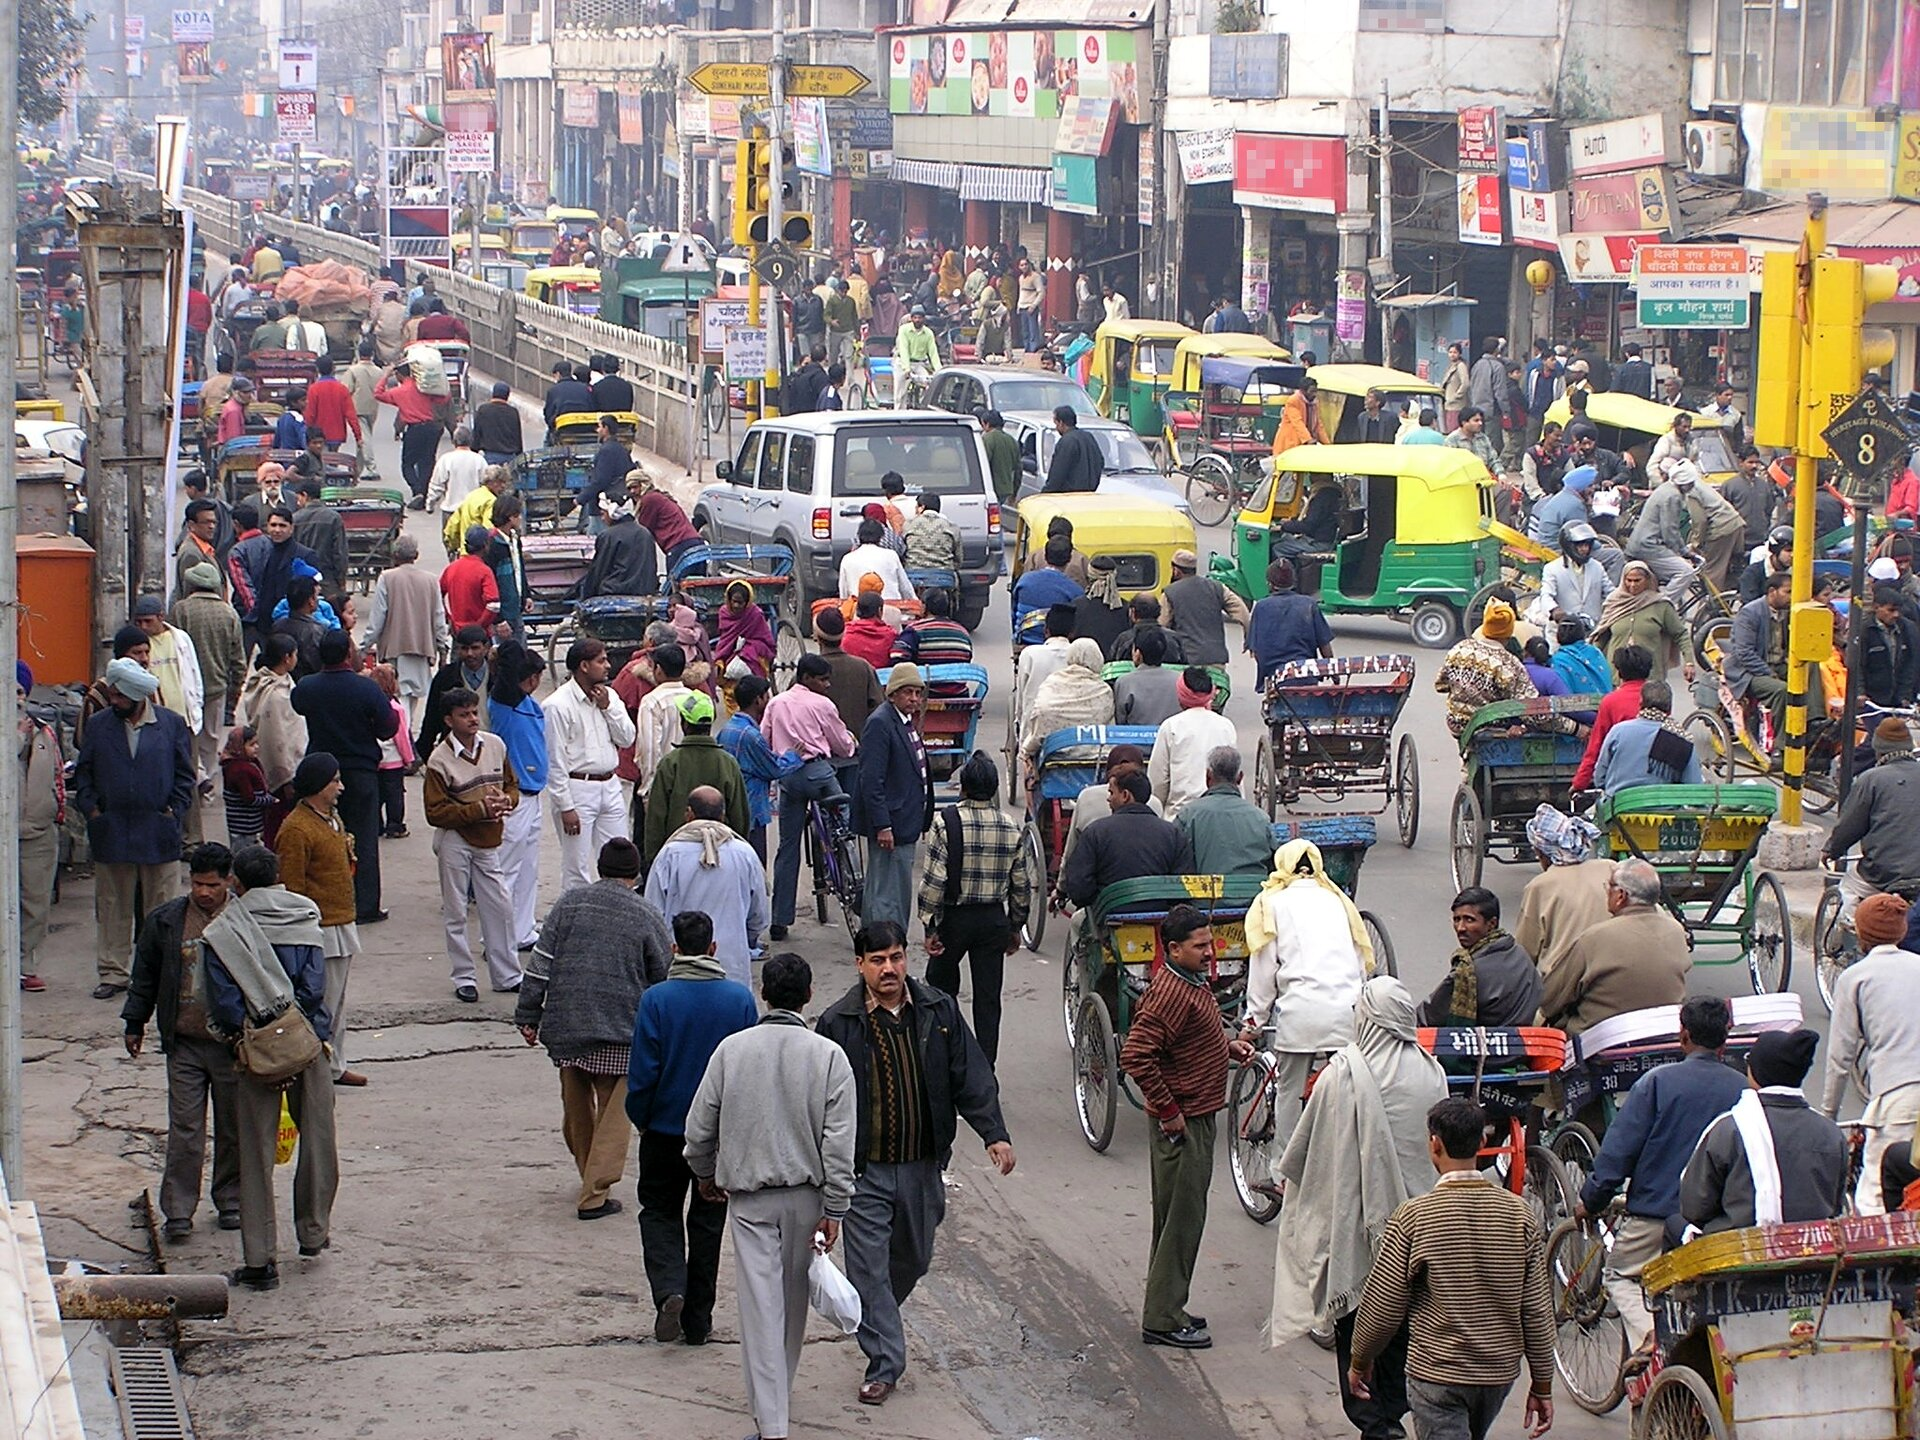 Na zdjęciu ulica wDelhi. Panuje duży tłok. Na chodnikach przechodnie, na ulicy samochody, riksze itakże przechodnie. Po prawej stronie ulicy widać zabudowę. Dużo szyldów.